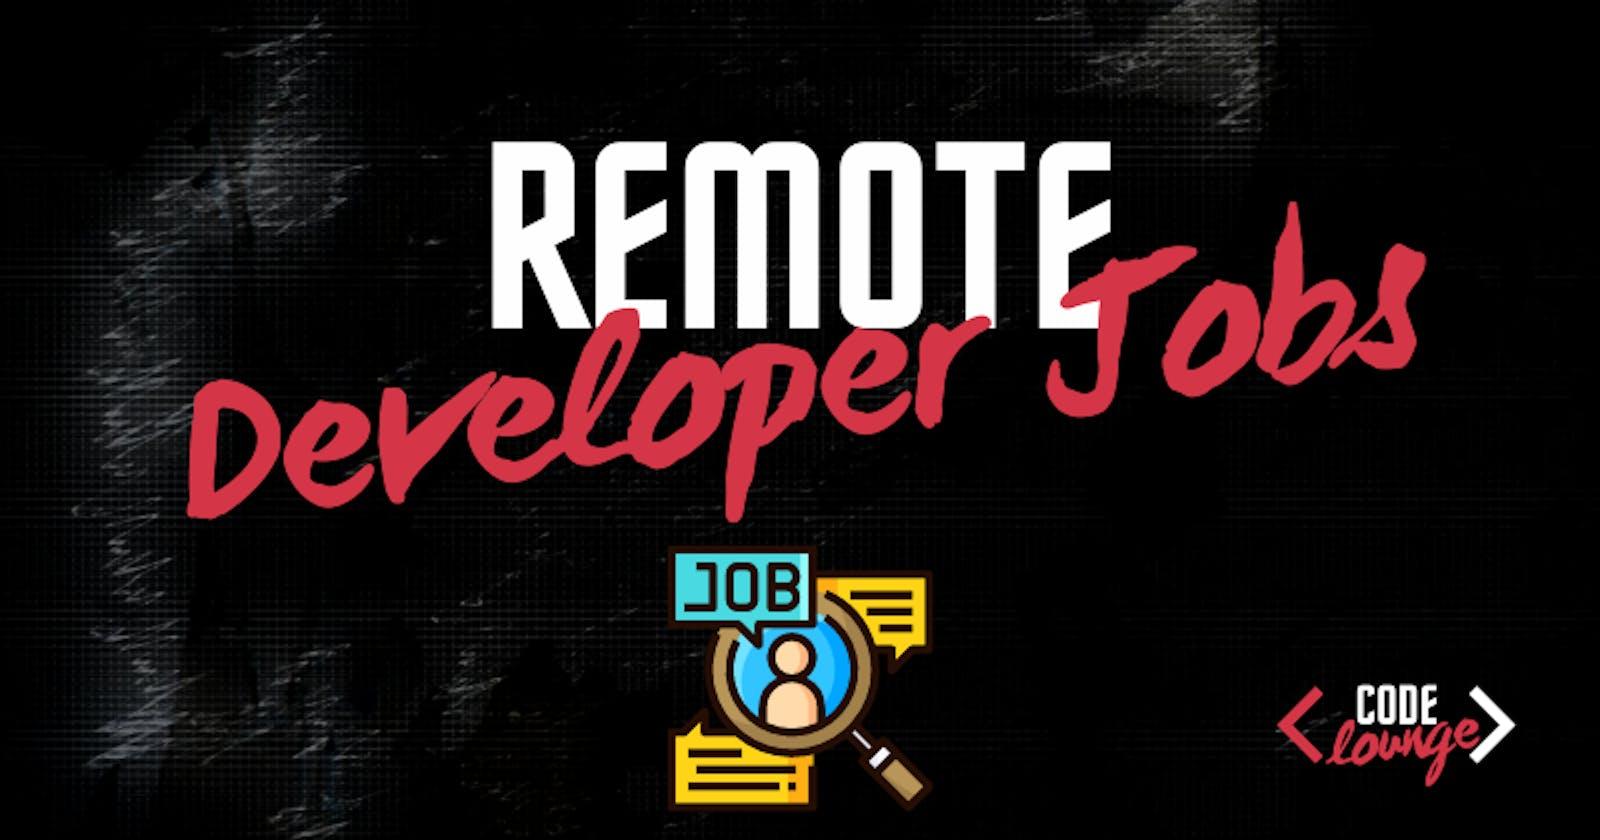 9 Websites To Find Remote Developer Jobs